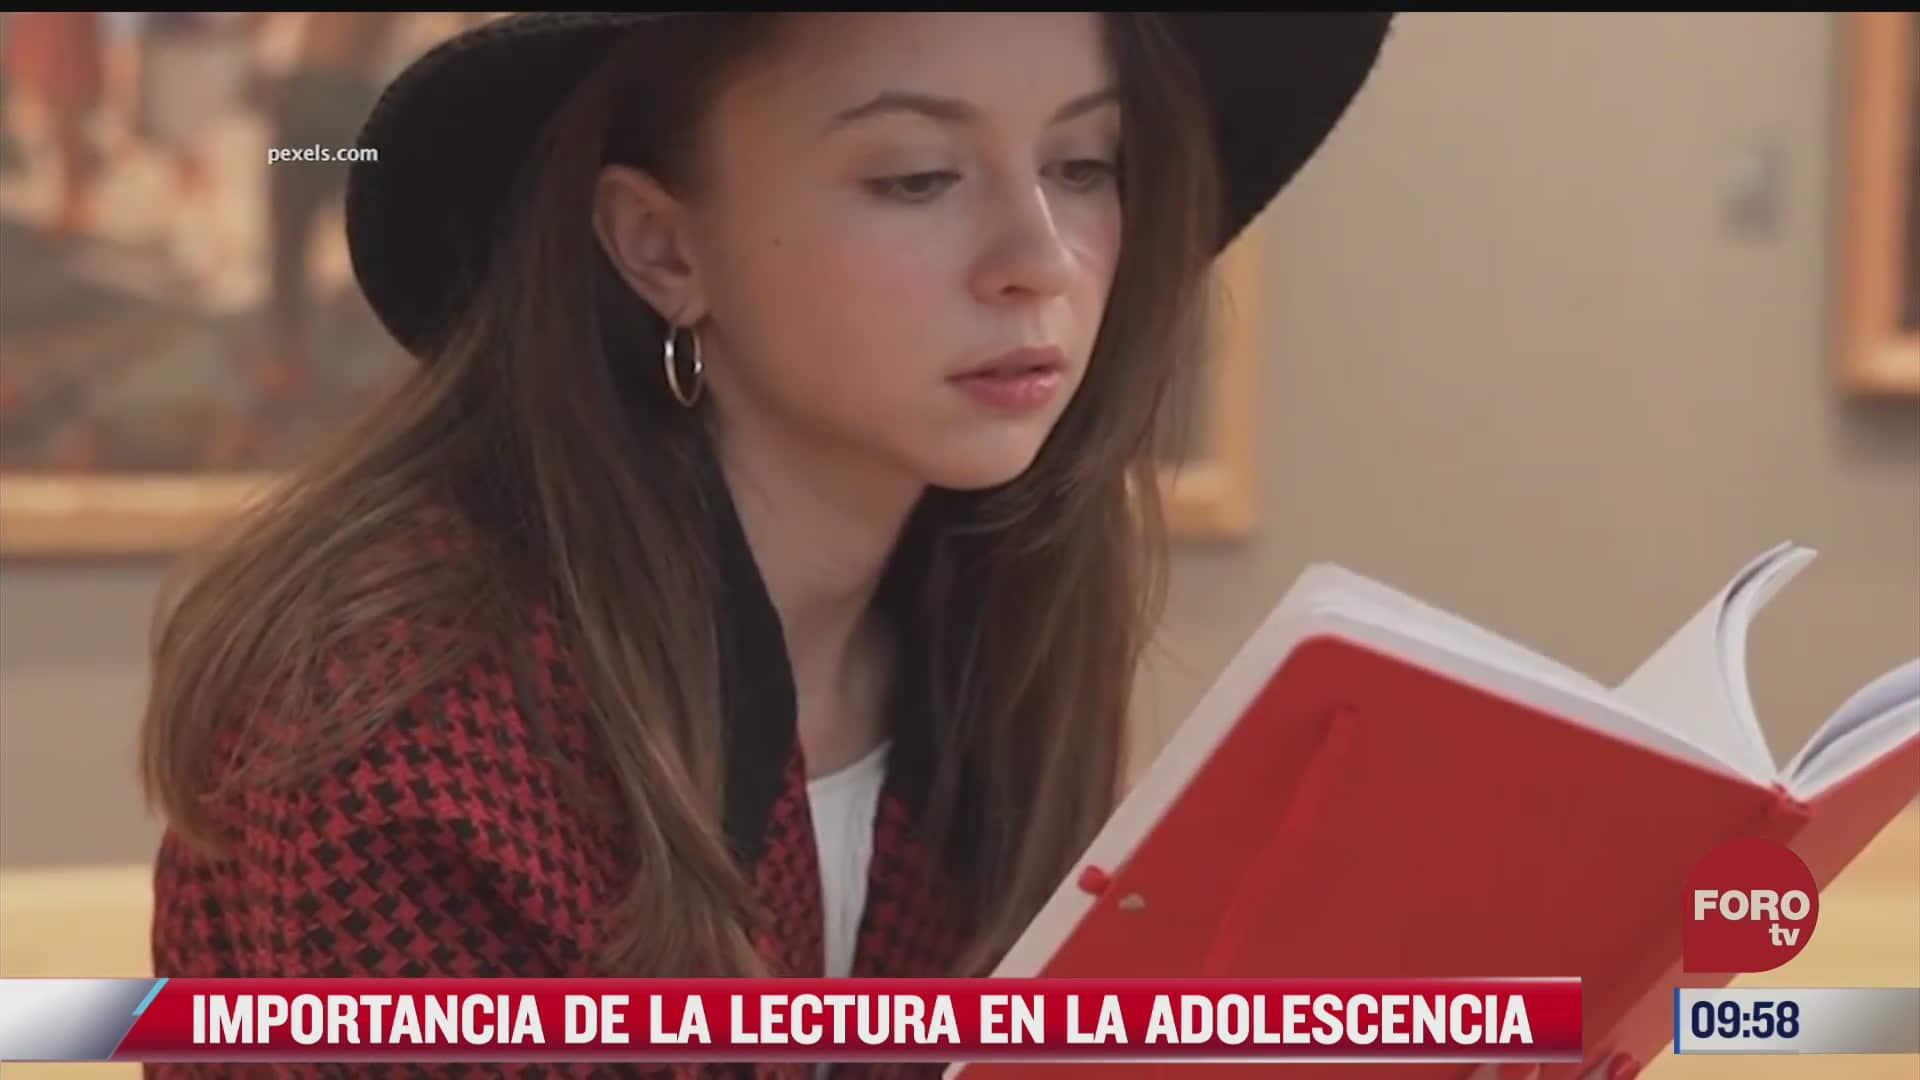 la importancia de la lectura en la adolescencia